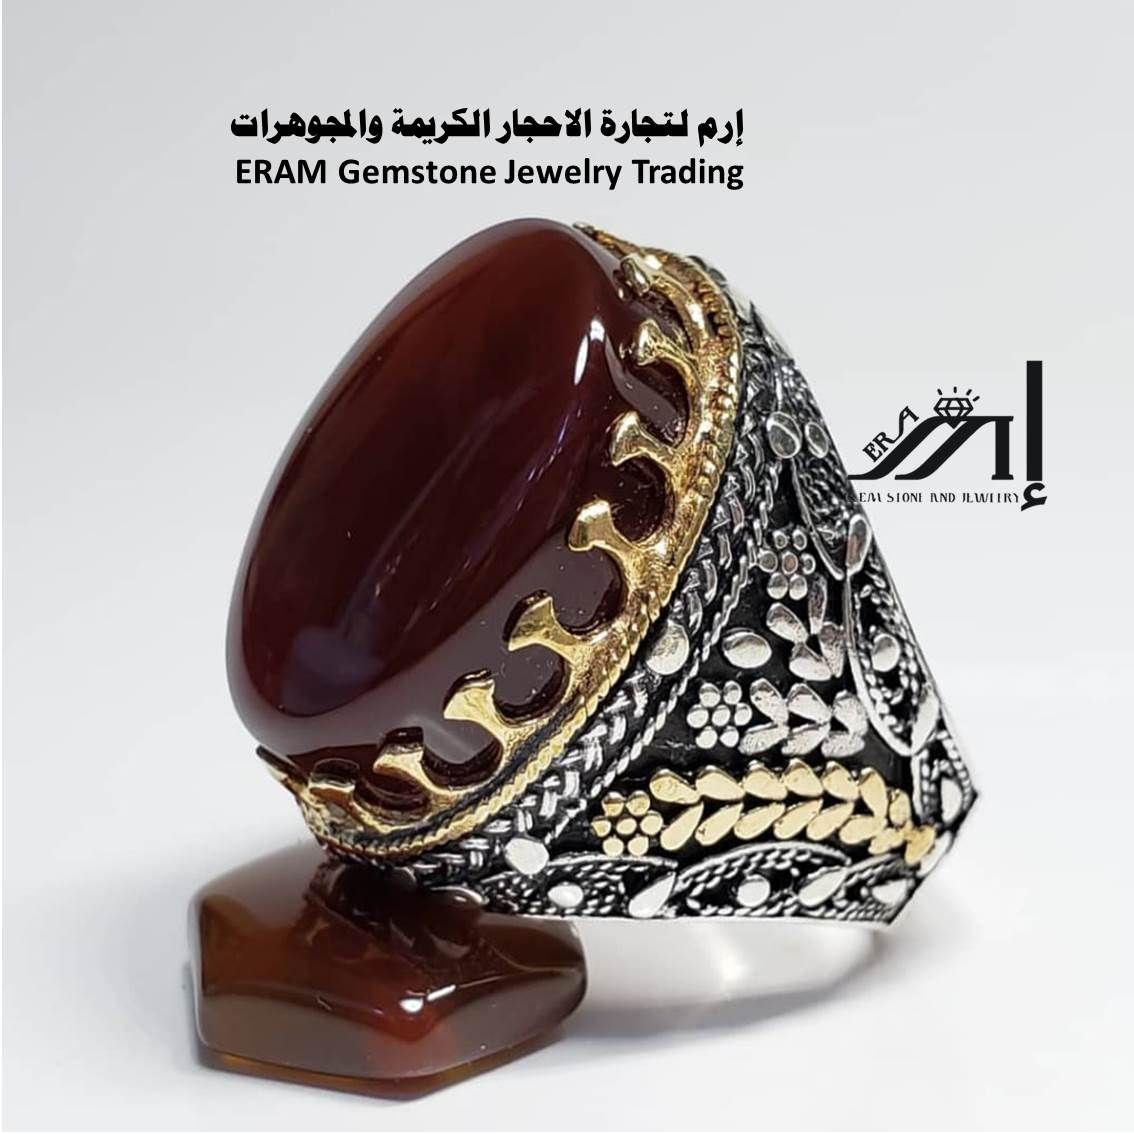 لتلفت الانتباه اليك صغنا لك خاتم من العقيق الاحمر الكبدي دم الغزال الفاخرة مميز طبيعي100 Agate Cuff Bracelets Jewelry Cuff